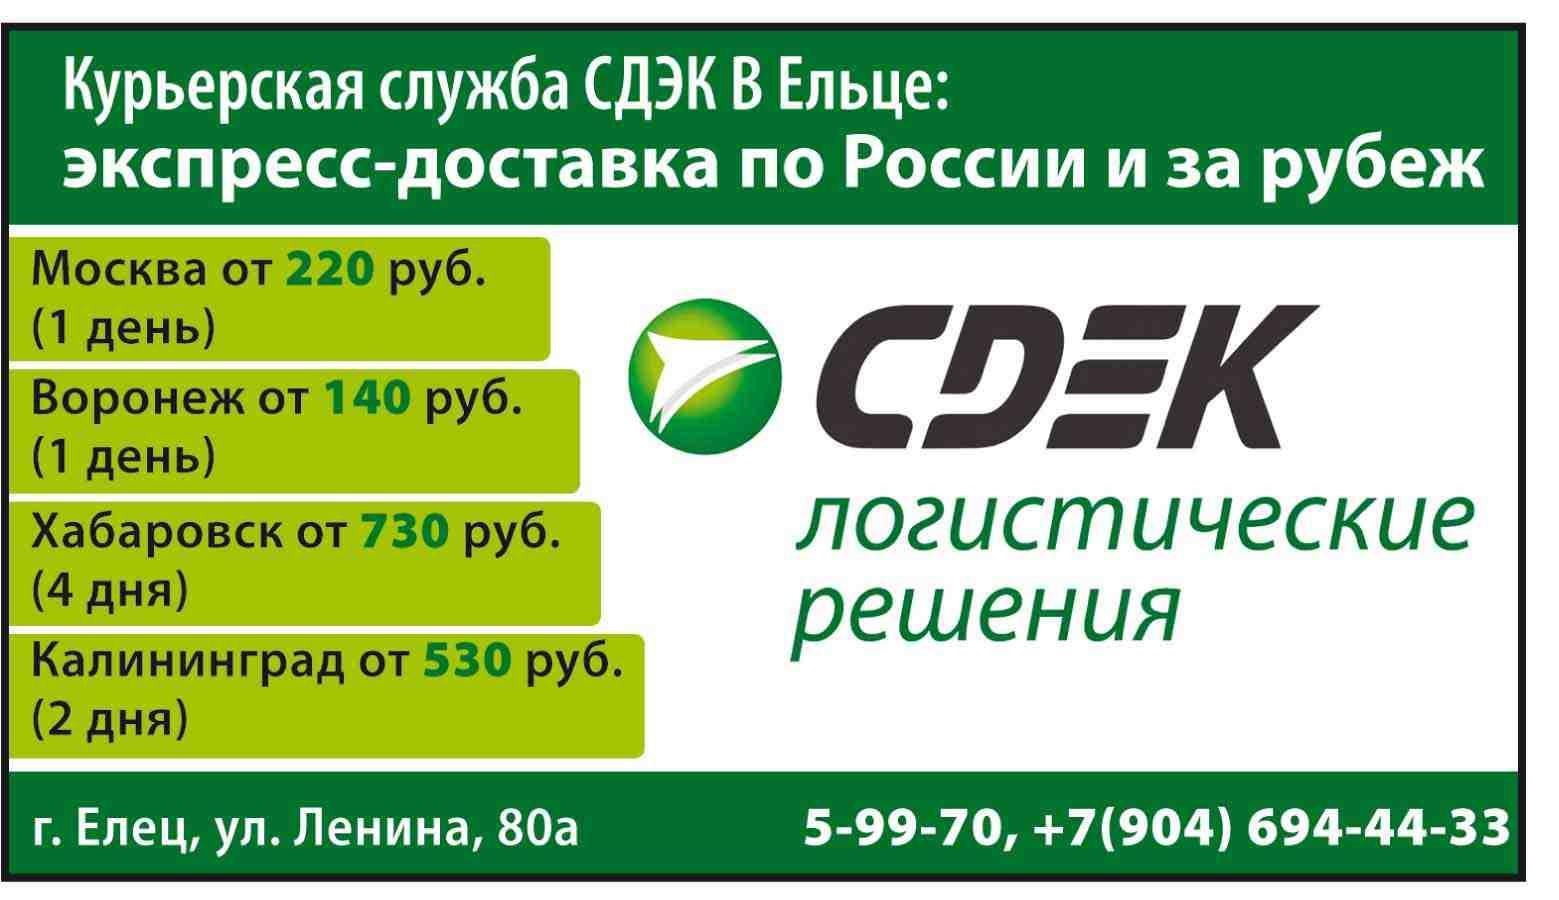 Курьерская служба ул. Ленина, 80 Тел. 8 (904) 694-44-33